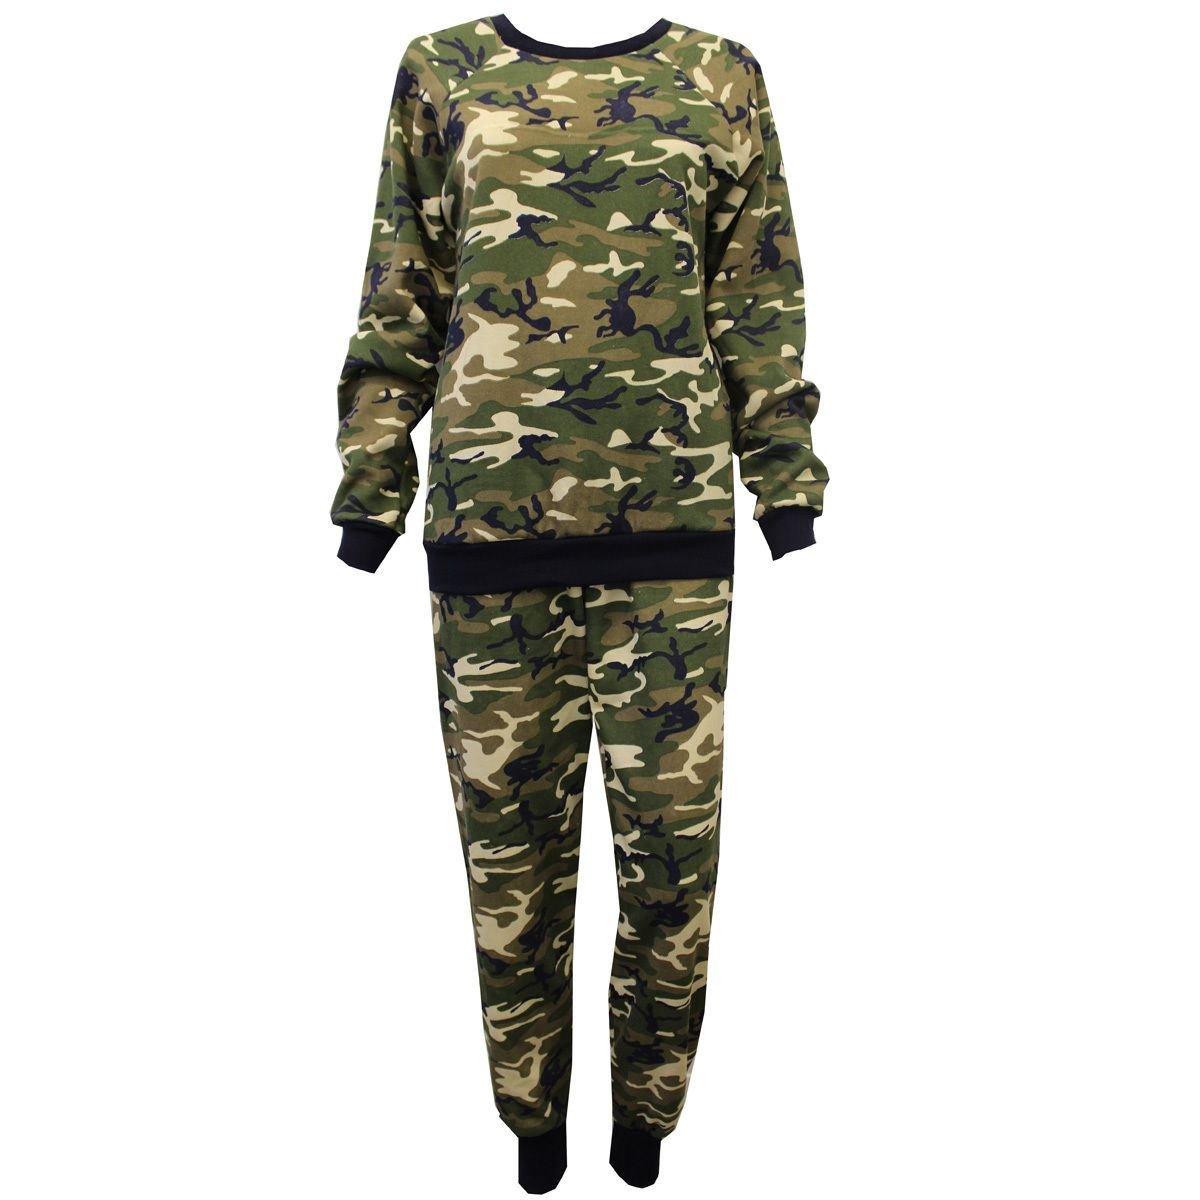 Pantalones de Deporte para Mujer Traje de Neopreno para ...